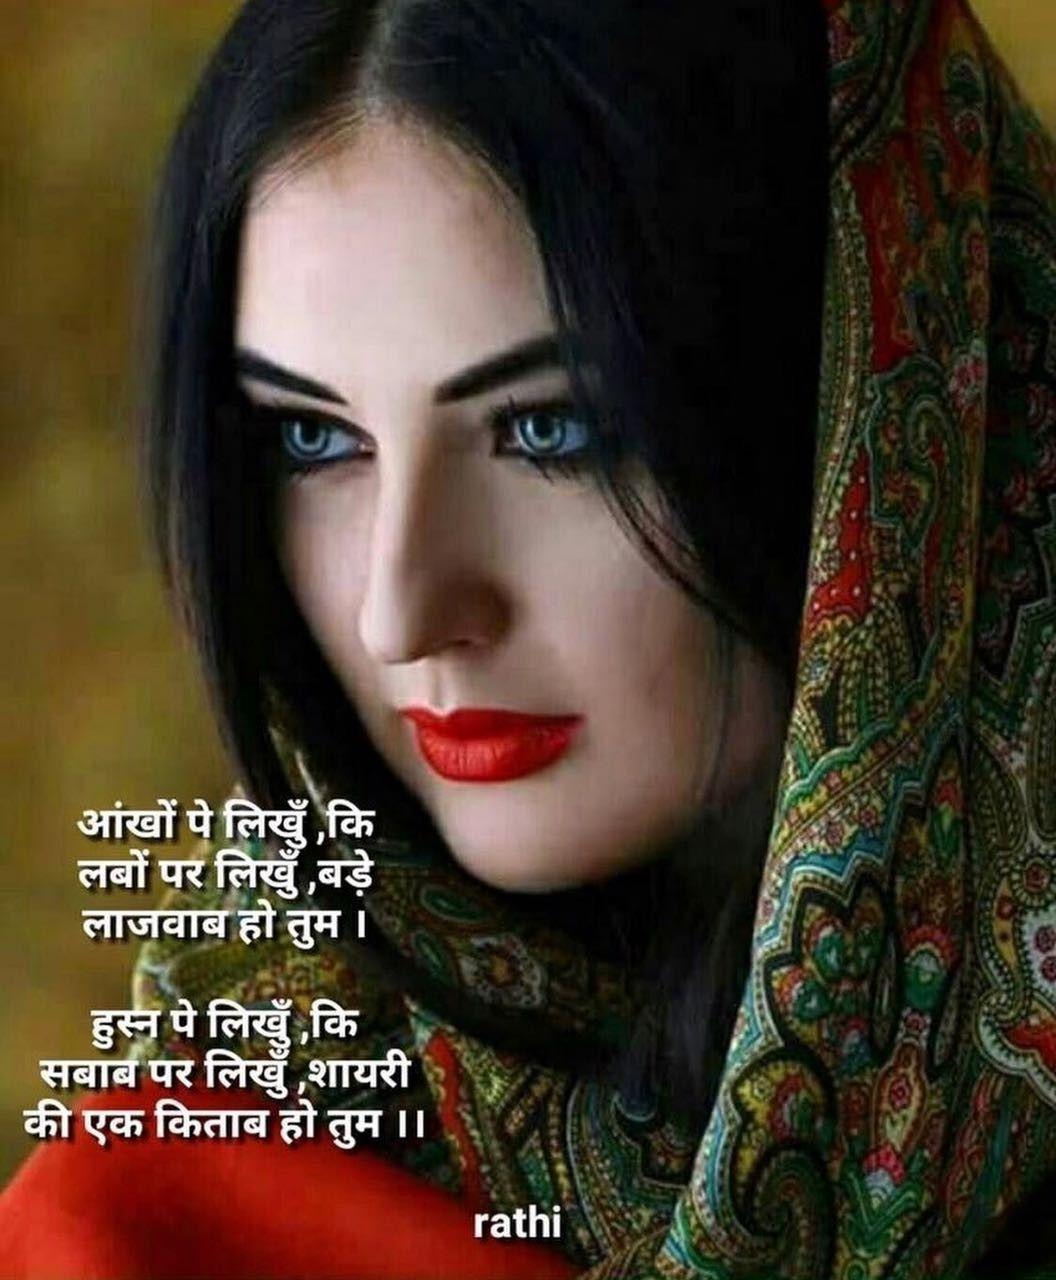 Pin By Amarjeet Singh On My Feeling S Fashion Beauty Women